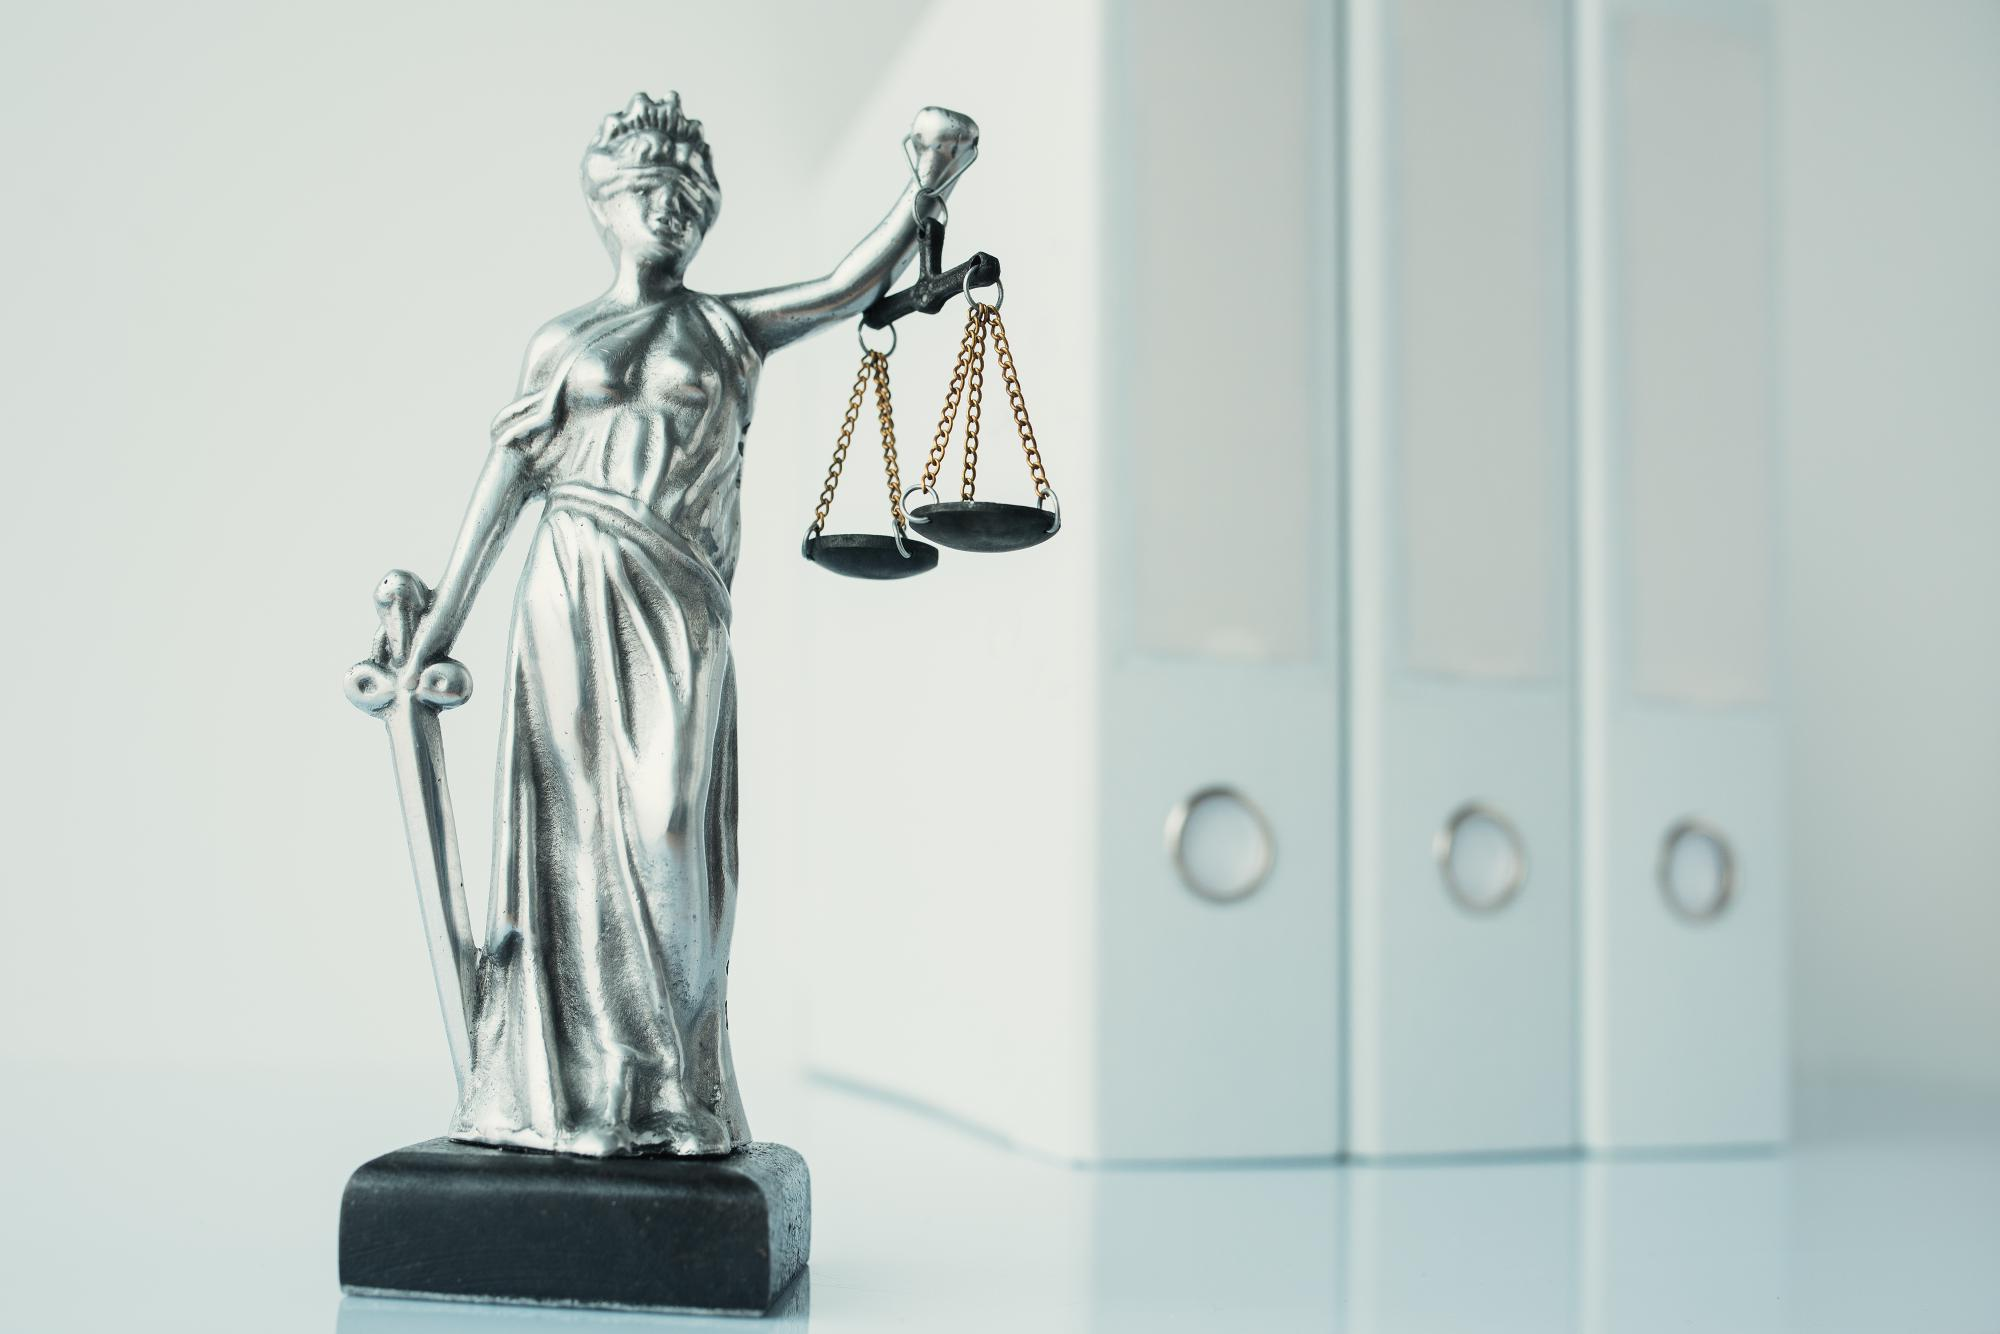 Применение неверных разъяснений налоговиков - не повод для штрафа